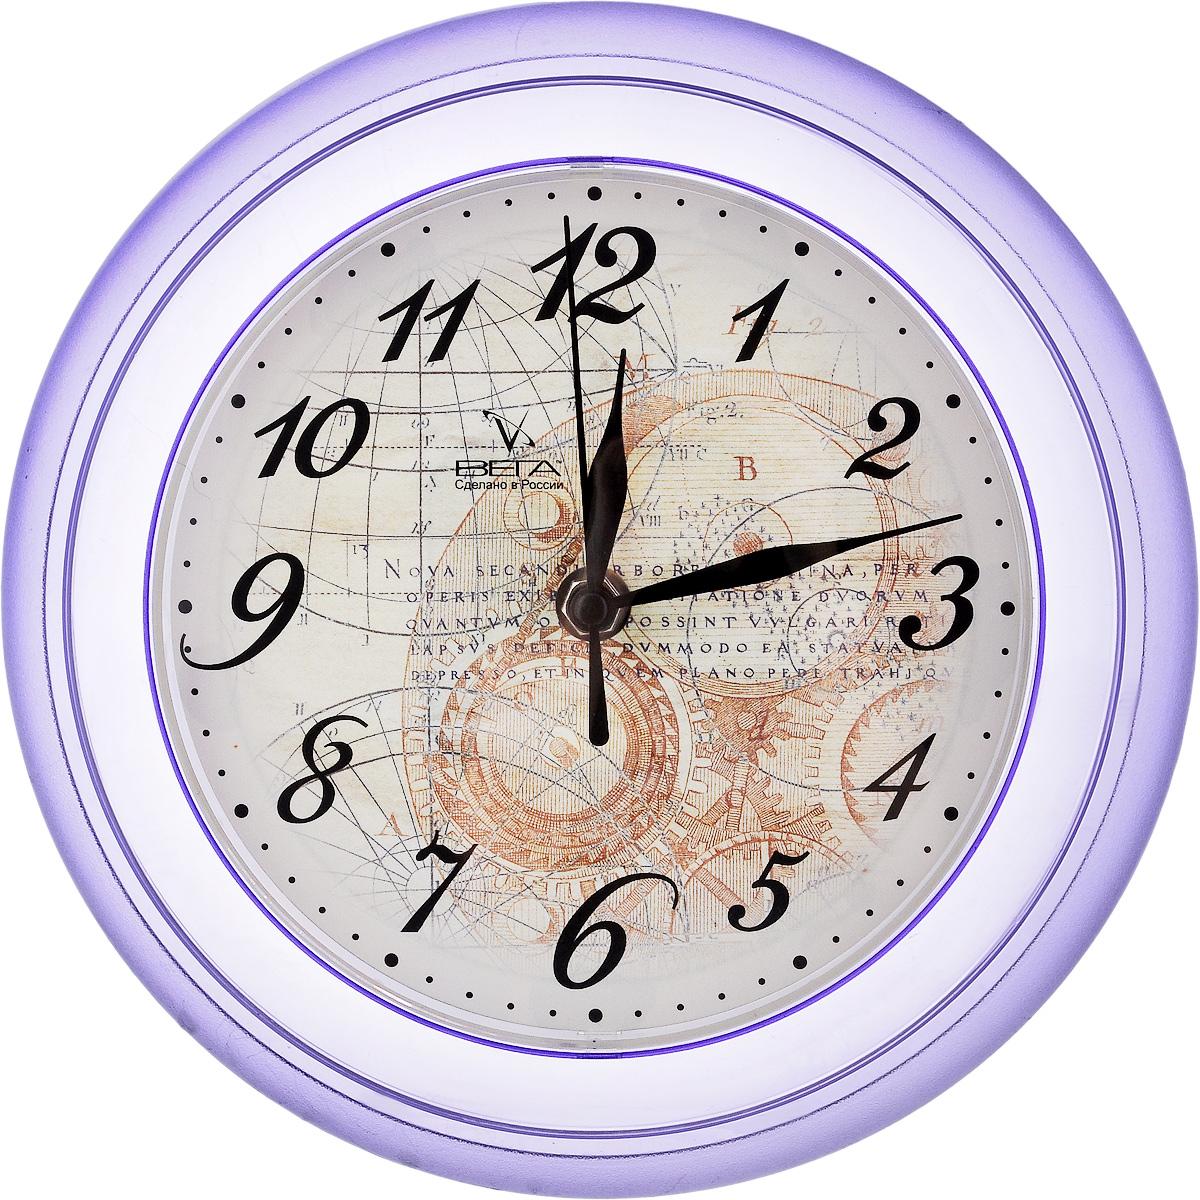 Часы настенные Вега Географические, диаметр 22,5 см94672Настенные кварцевые часы Вега Географические в классическом дизайне, изготовленные из пластика, прекрасно впишутся в интерьер вашего дома. Круглые часы имеют три стрелки: часовую, минутную и секундную, циферблат защищен прозрачным стеклом. Часы работают от 1 батарейки типа АА напряжением 1,5 В (не входит в комплект). Диаметр часов: 22,5 см.